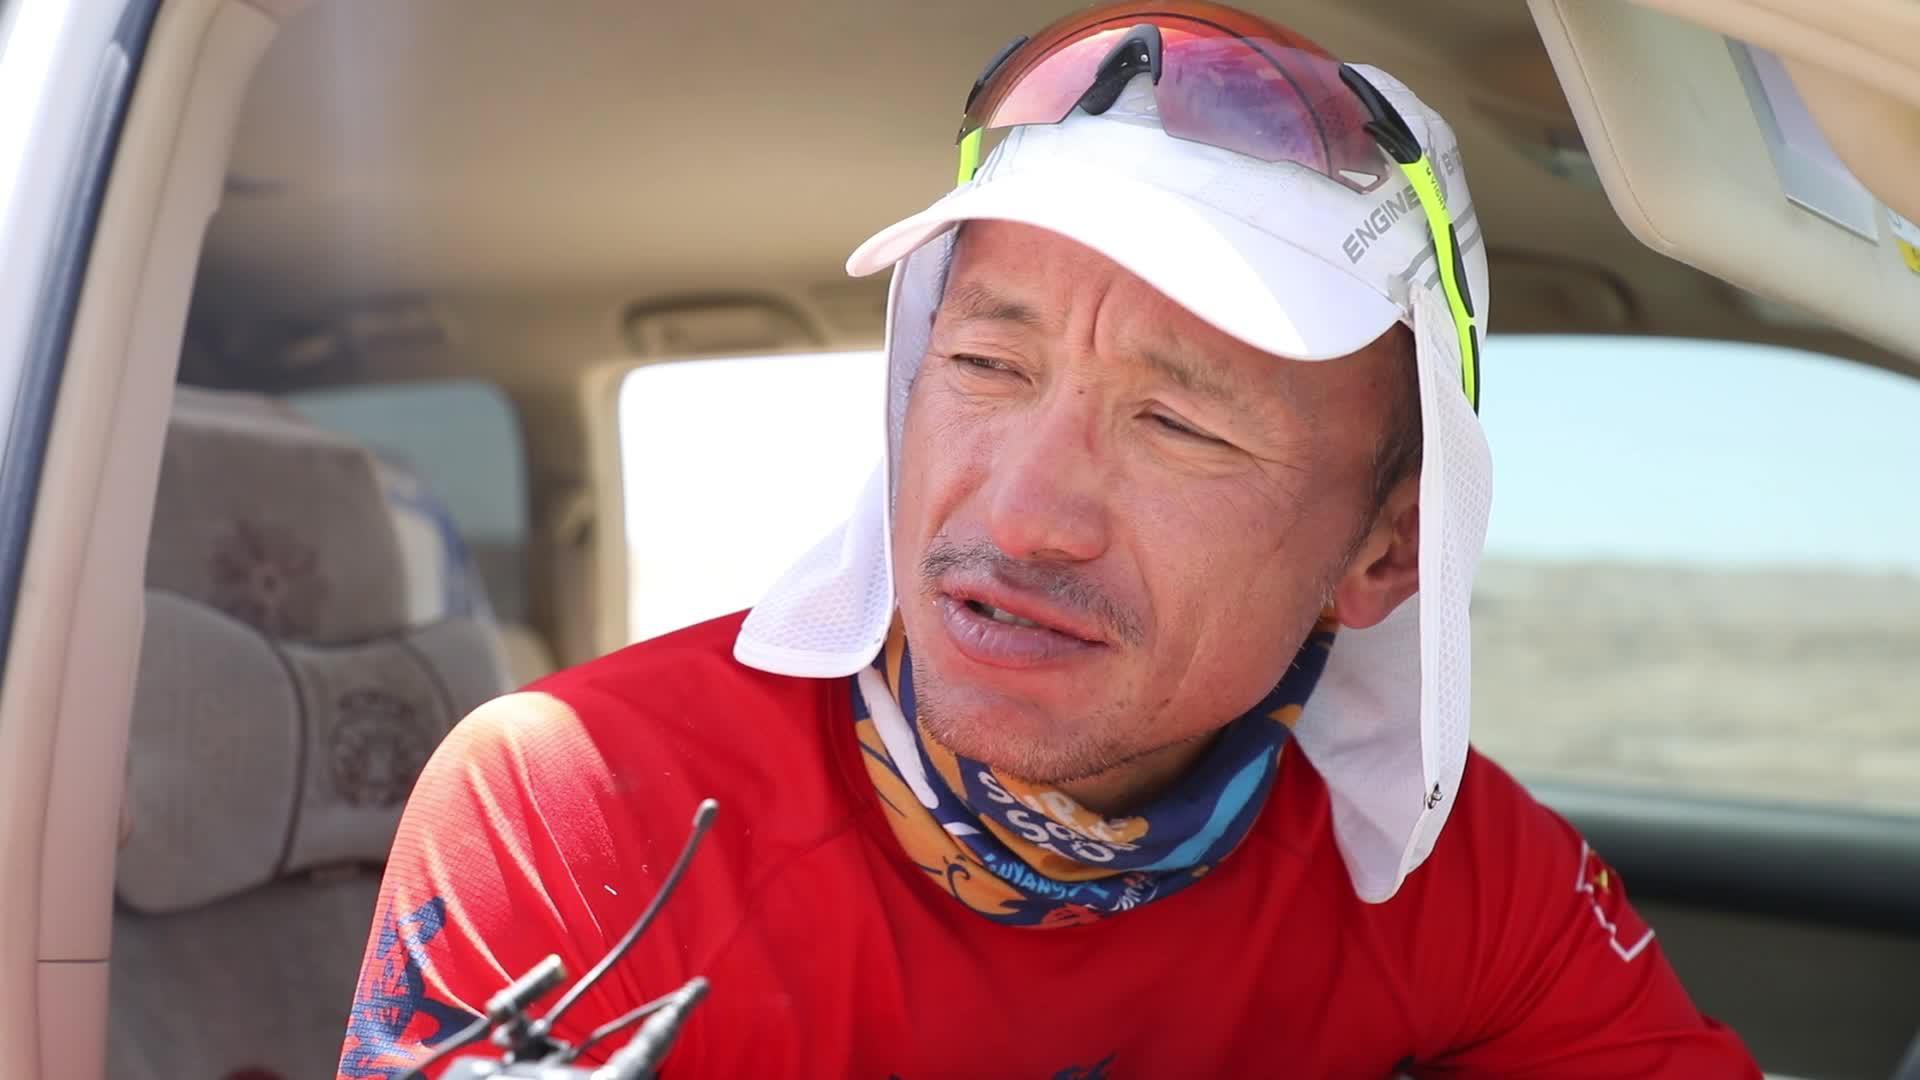 视频-八百流沙极限赛 平沙万里只剩归途赛道上的刀巴